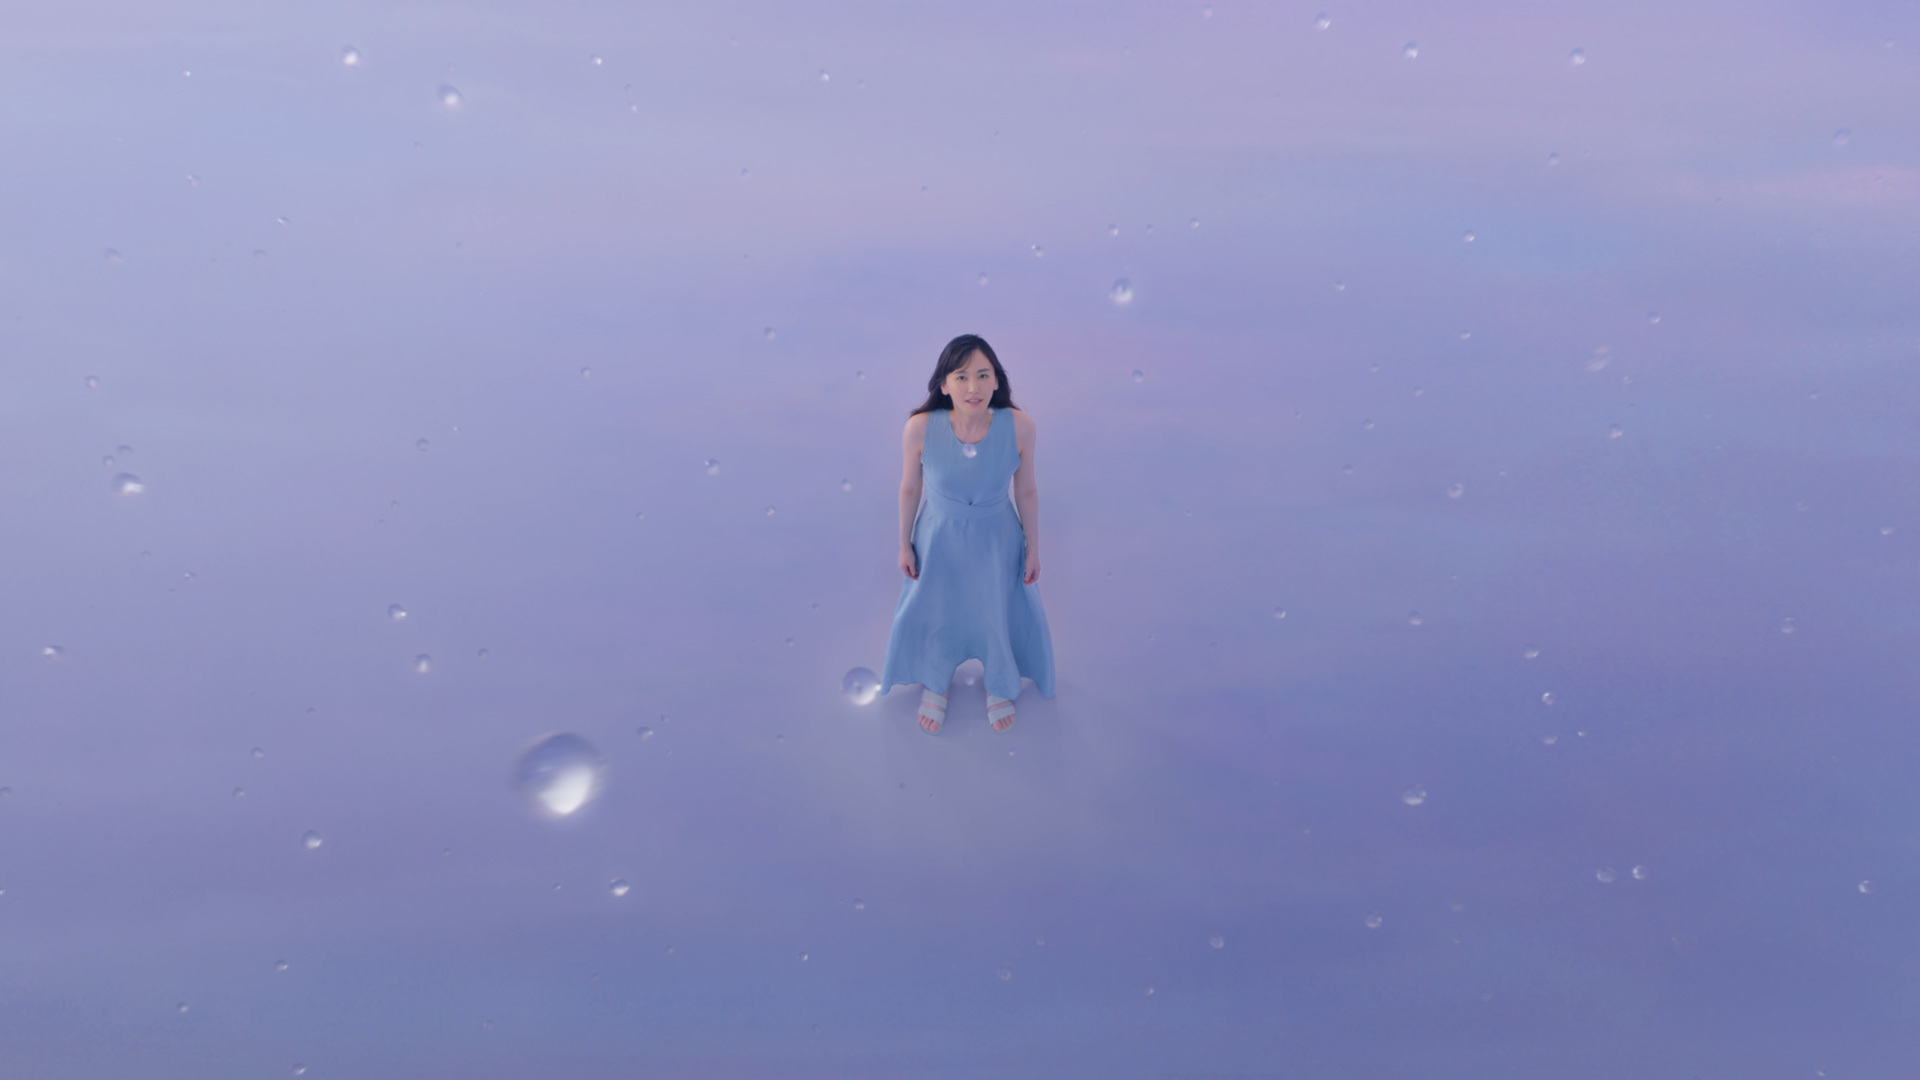 新垣結衣(あらがき ゆい)女優/コーセーのスキンケアブランド『雪肌精』CM